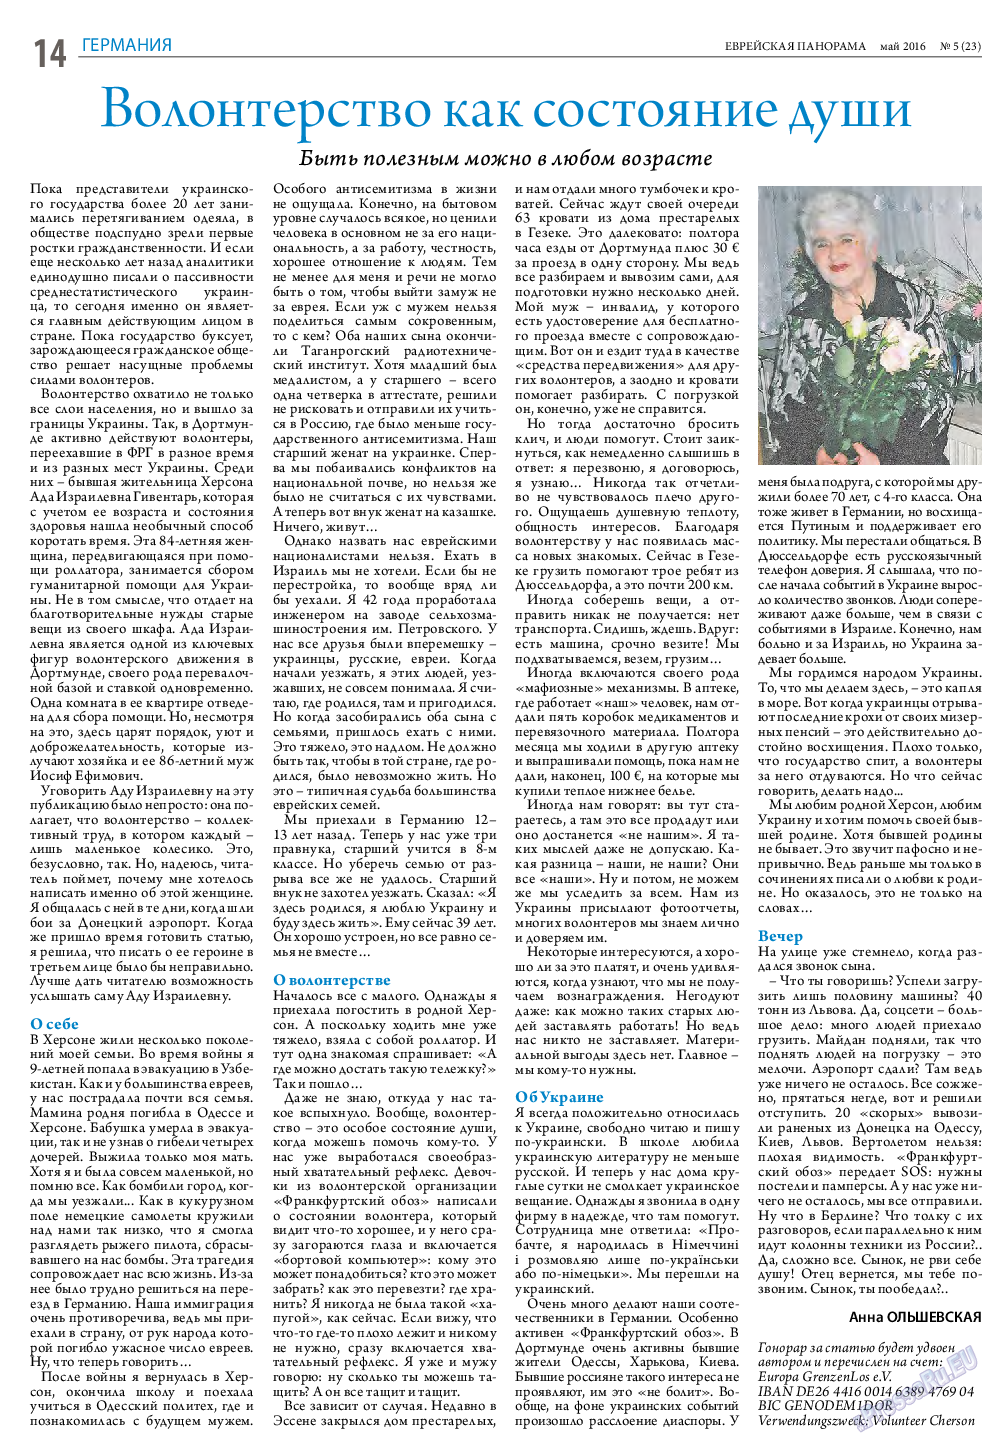 Еврейская панорама (газета). 2016 год, номер 5, стр. 14